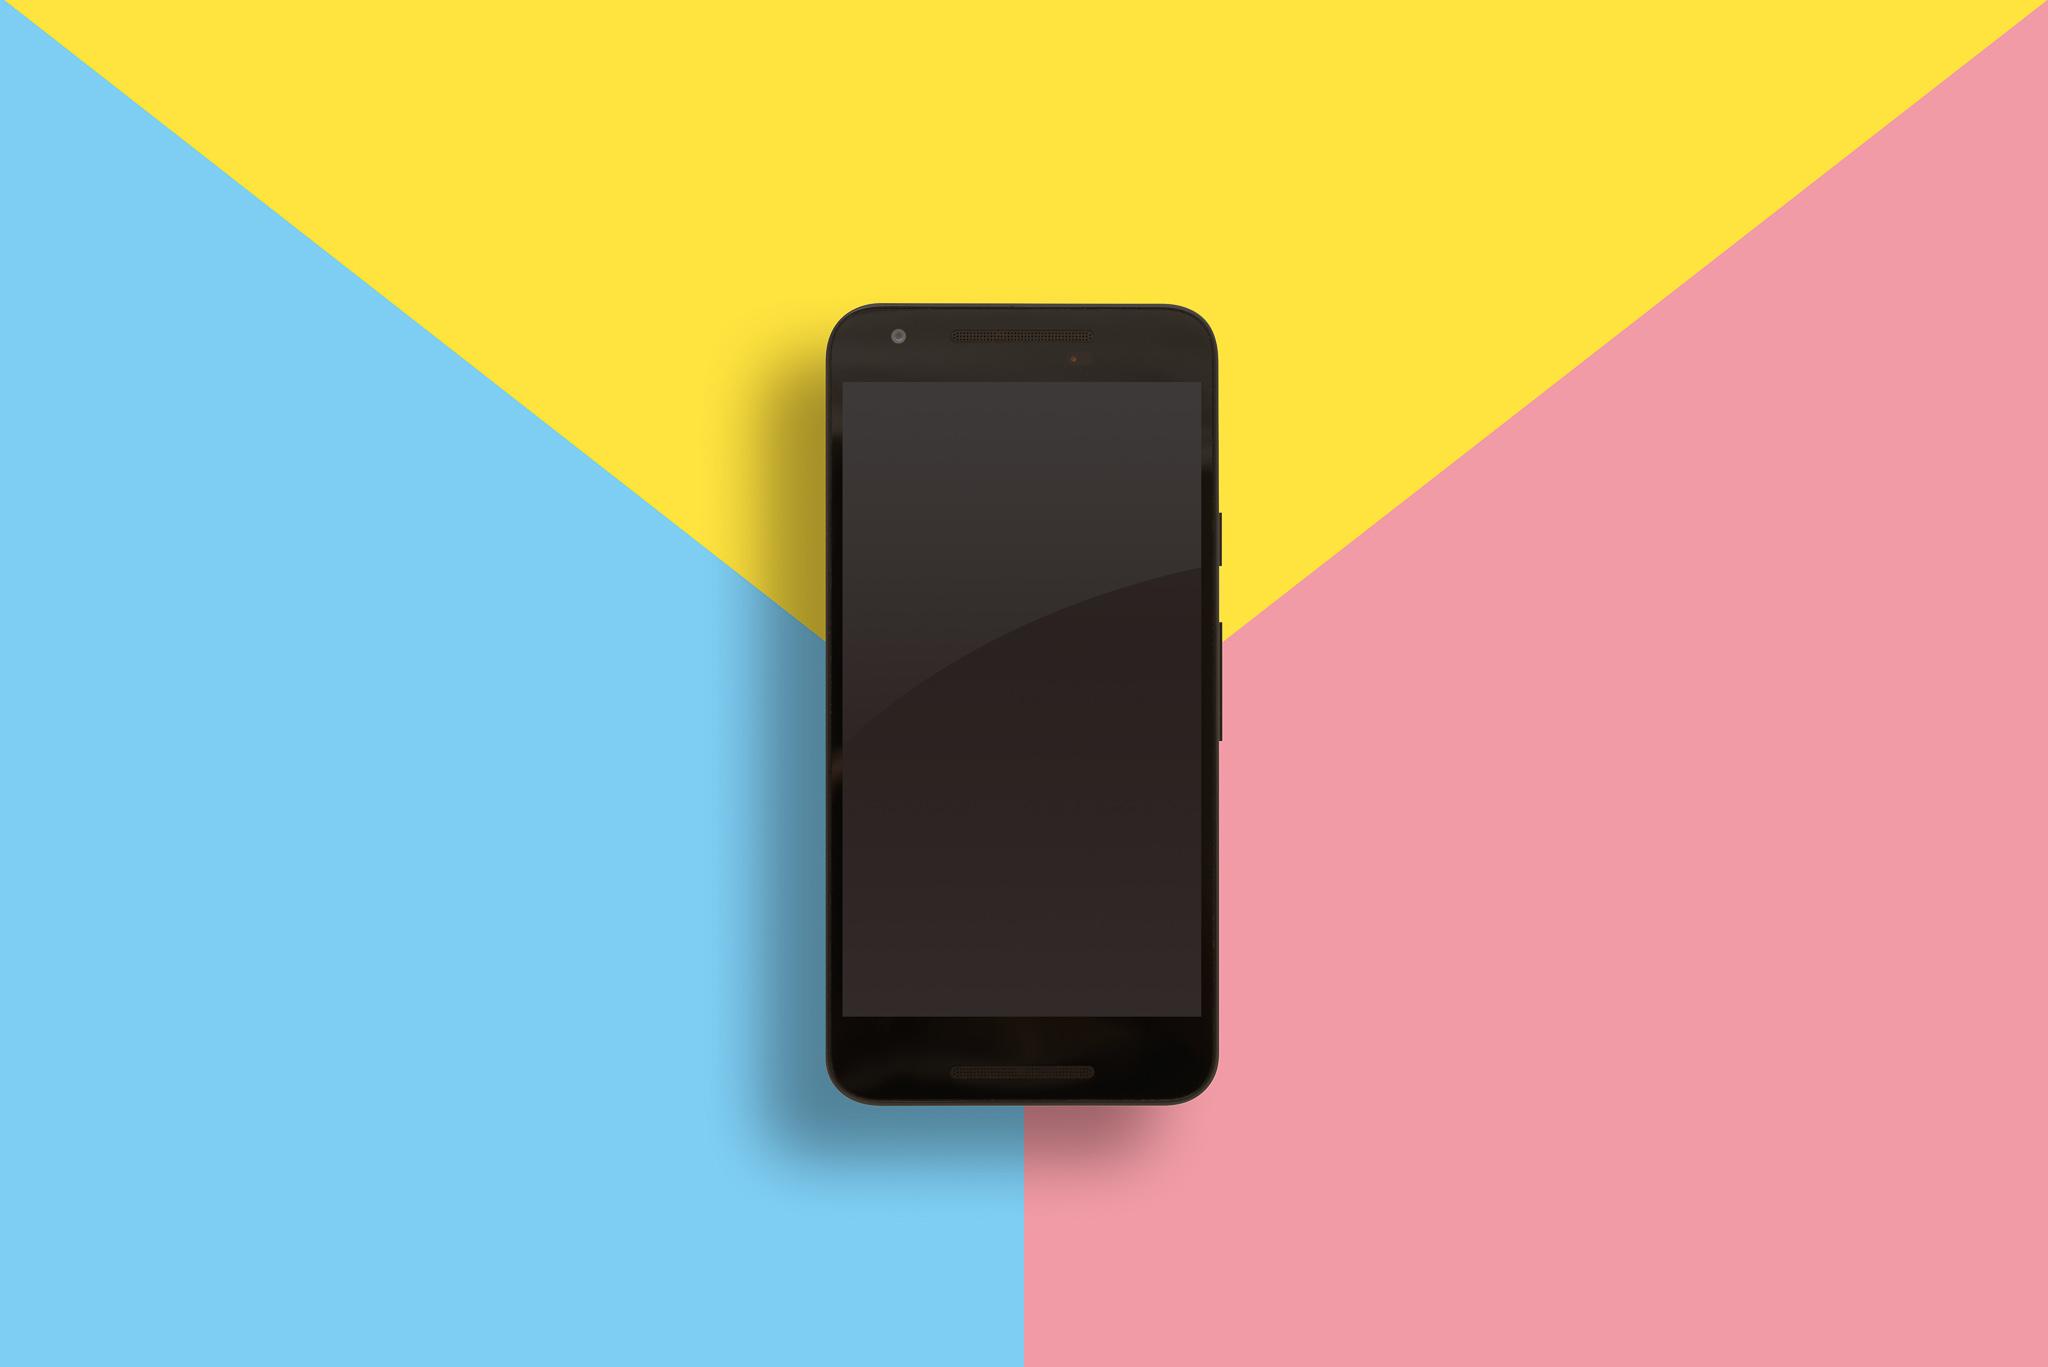 ソフトバンクのスマートフォンの最新機種